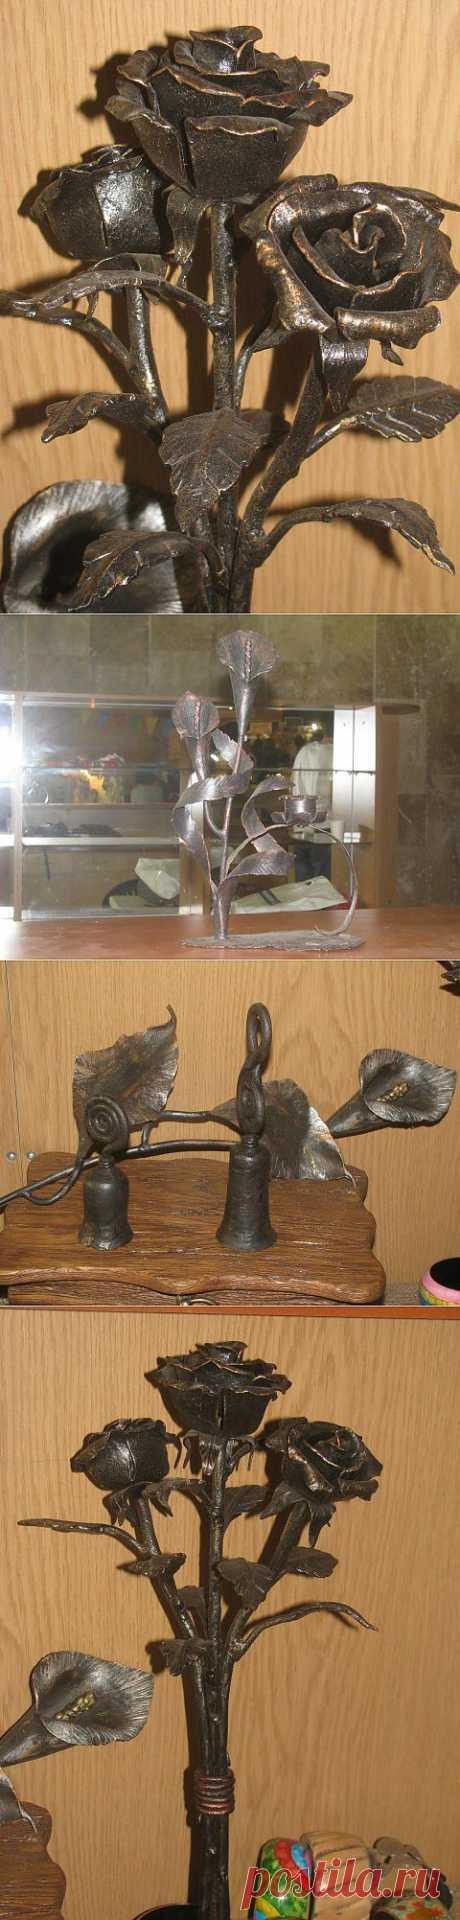 Выставка ручной работы в Харькове (1 часть) | Золотые Руки